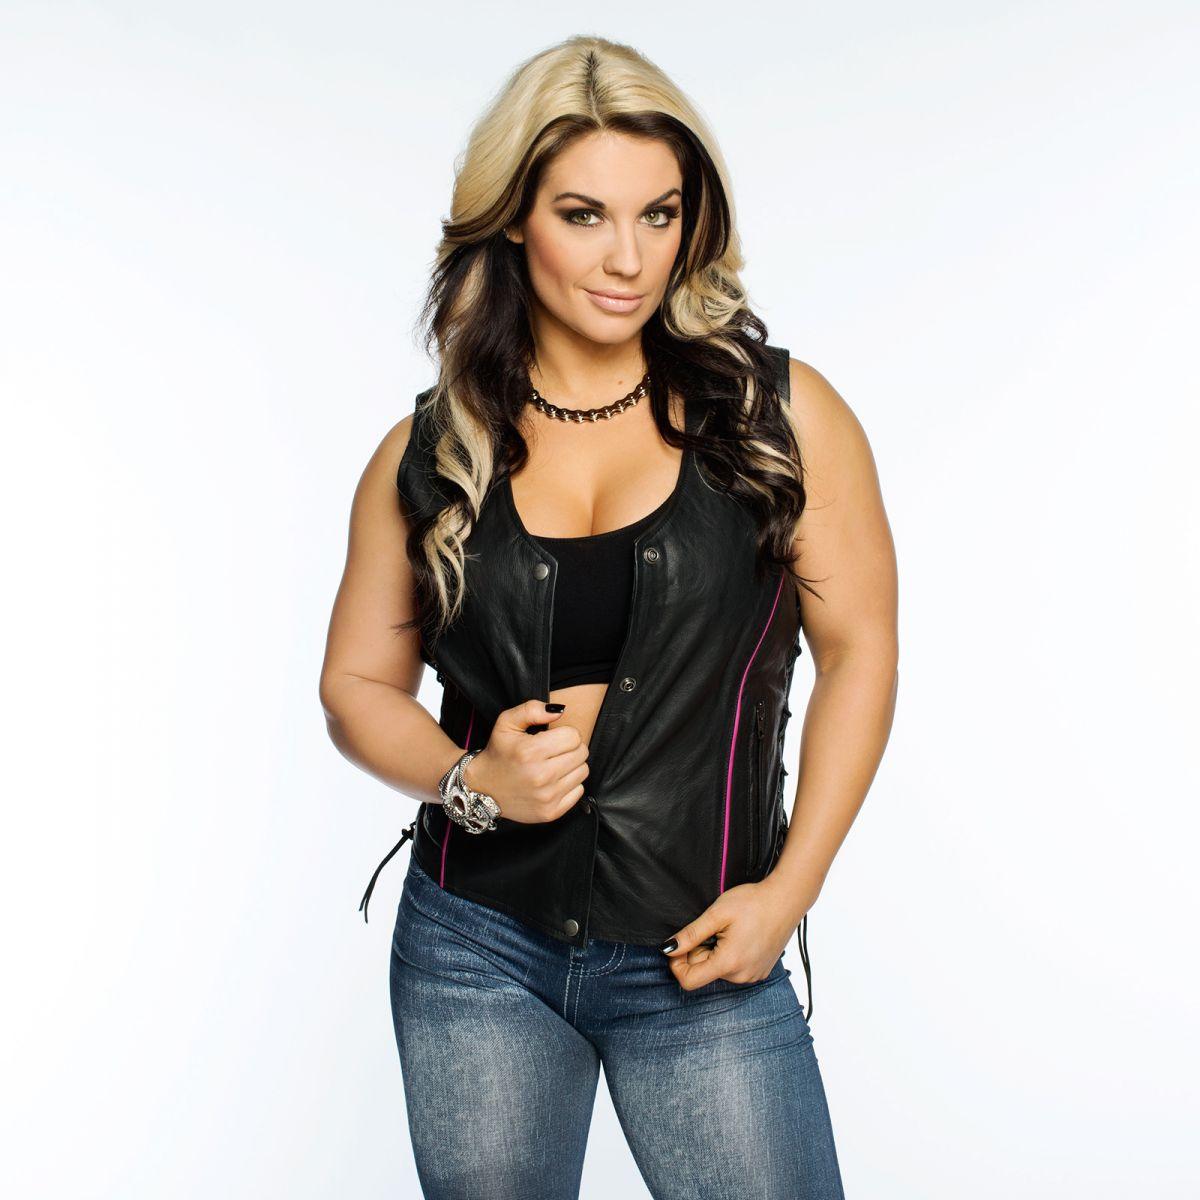 Kaitlyn (WWE) photos